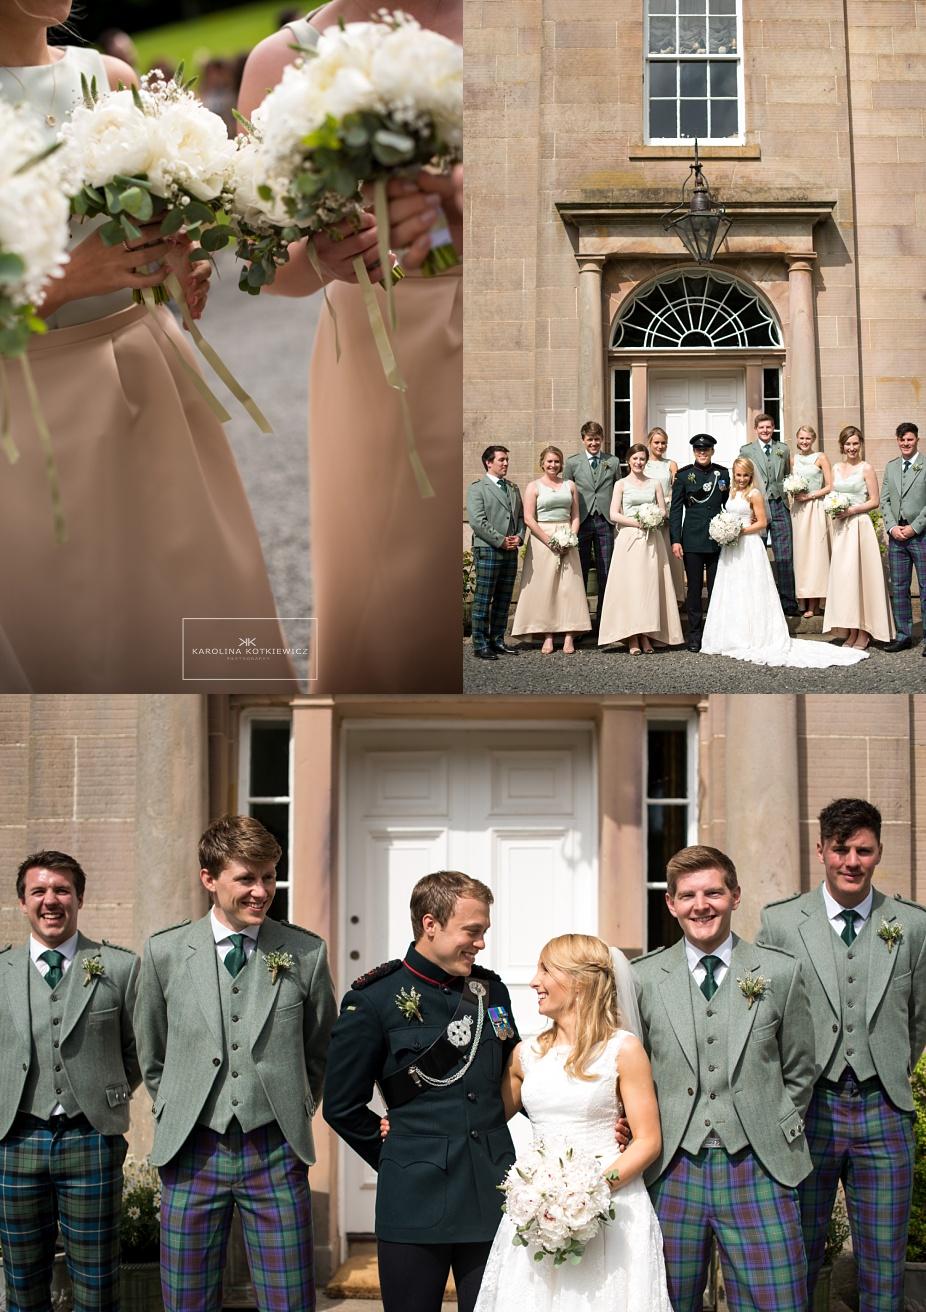 066_Glencourse House wedding photos